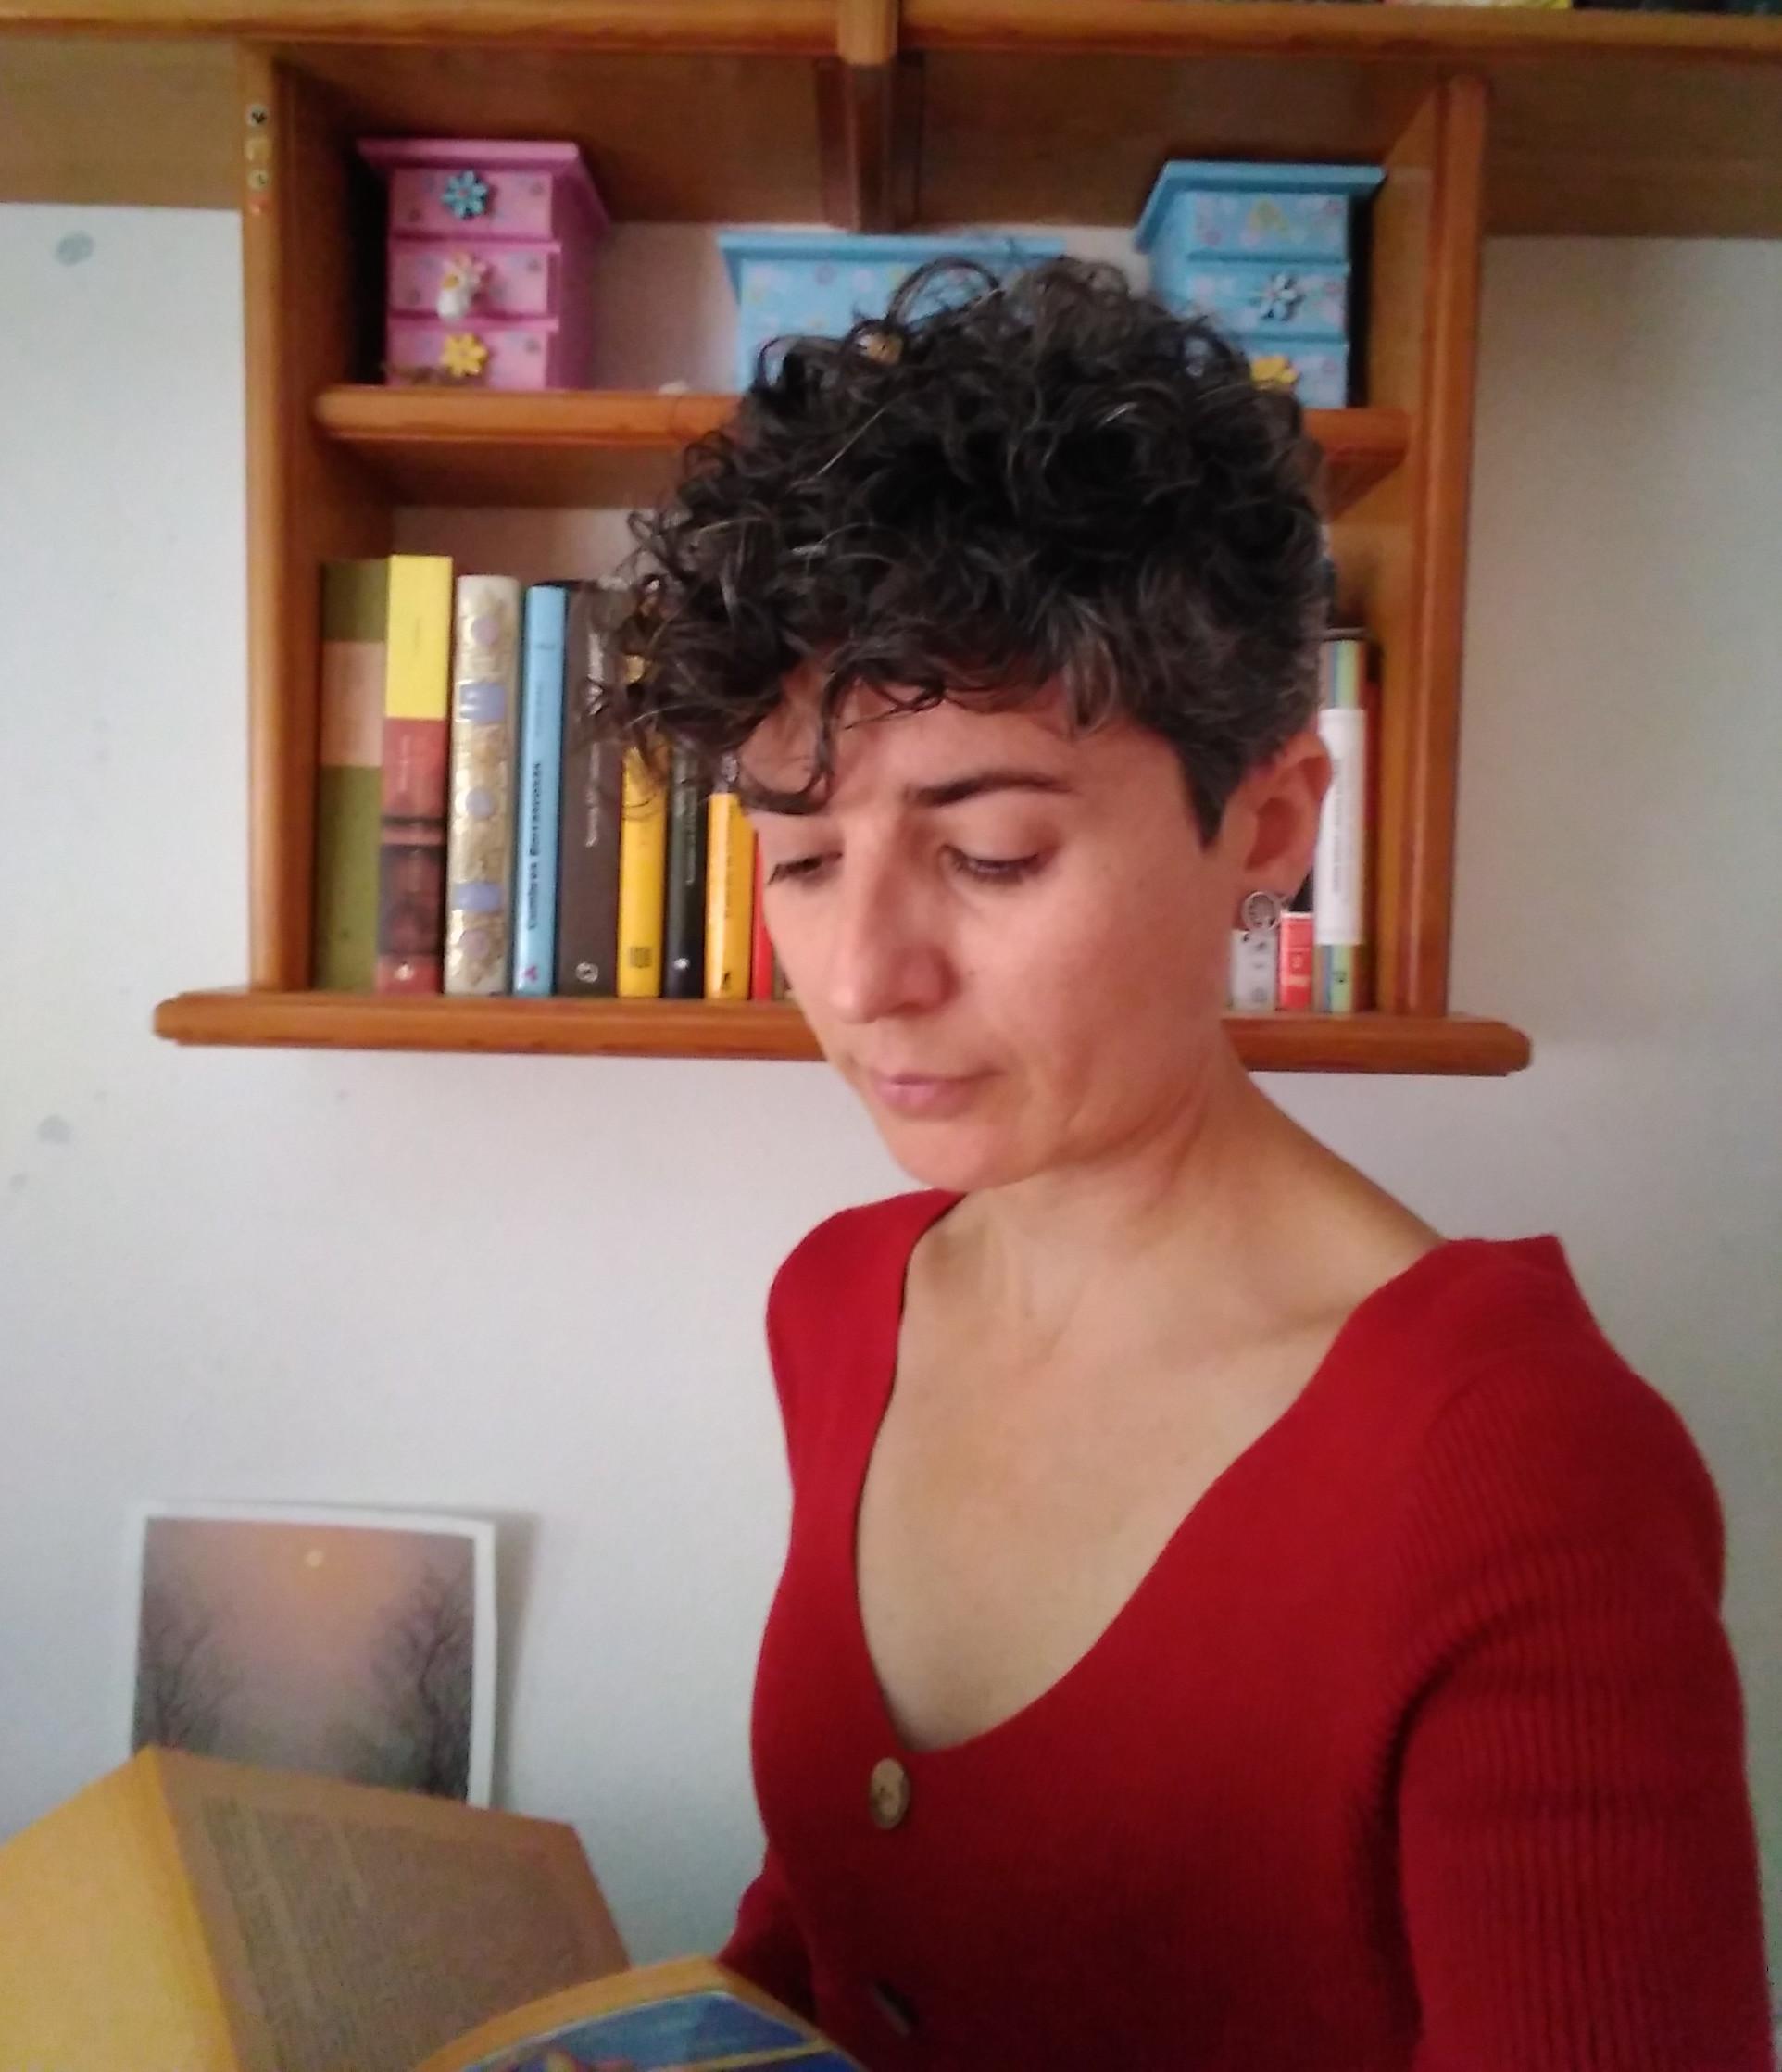 [Entrevista] Meritxell Gutiérrez: «Muchos libros te cambian sin que te des cuenta».